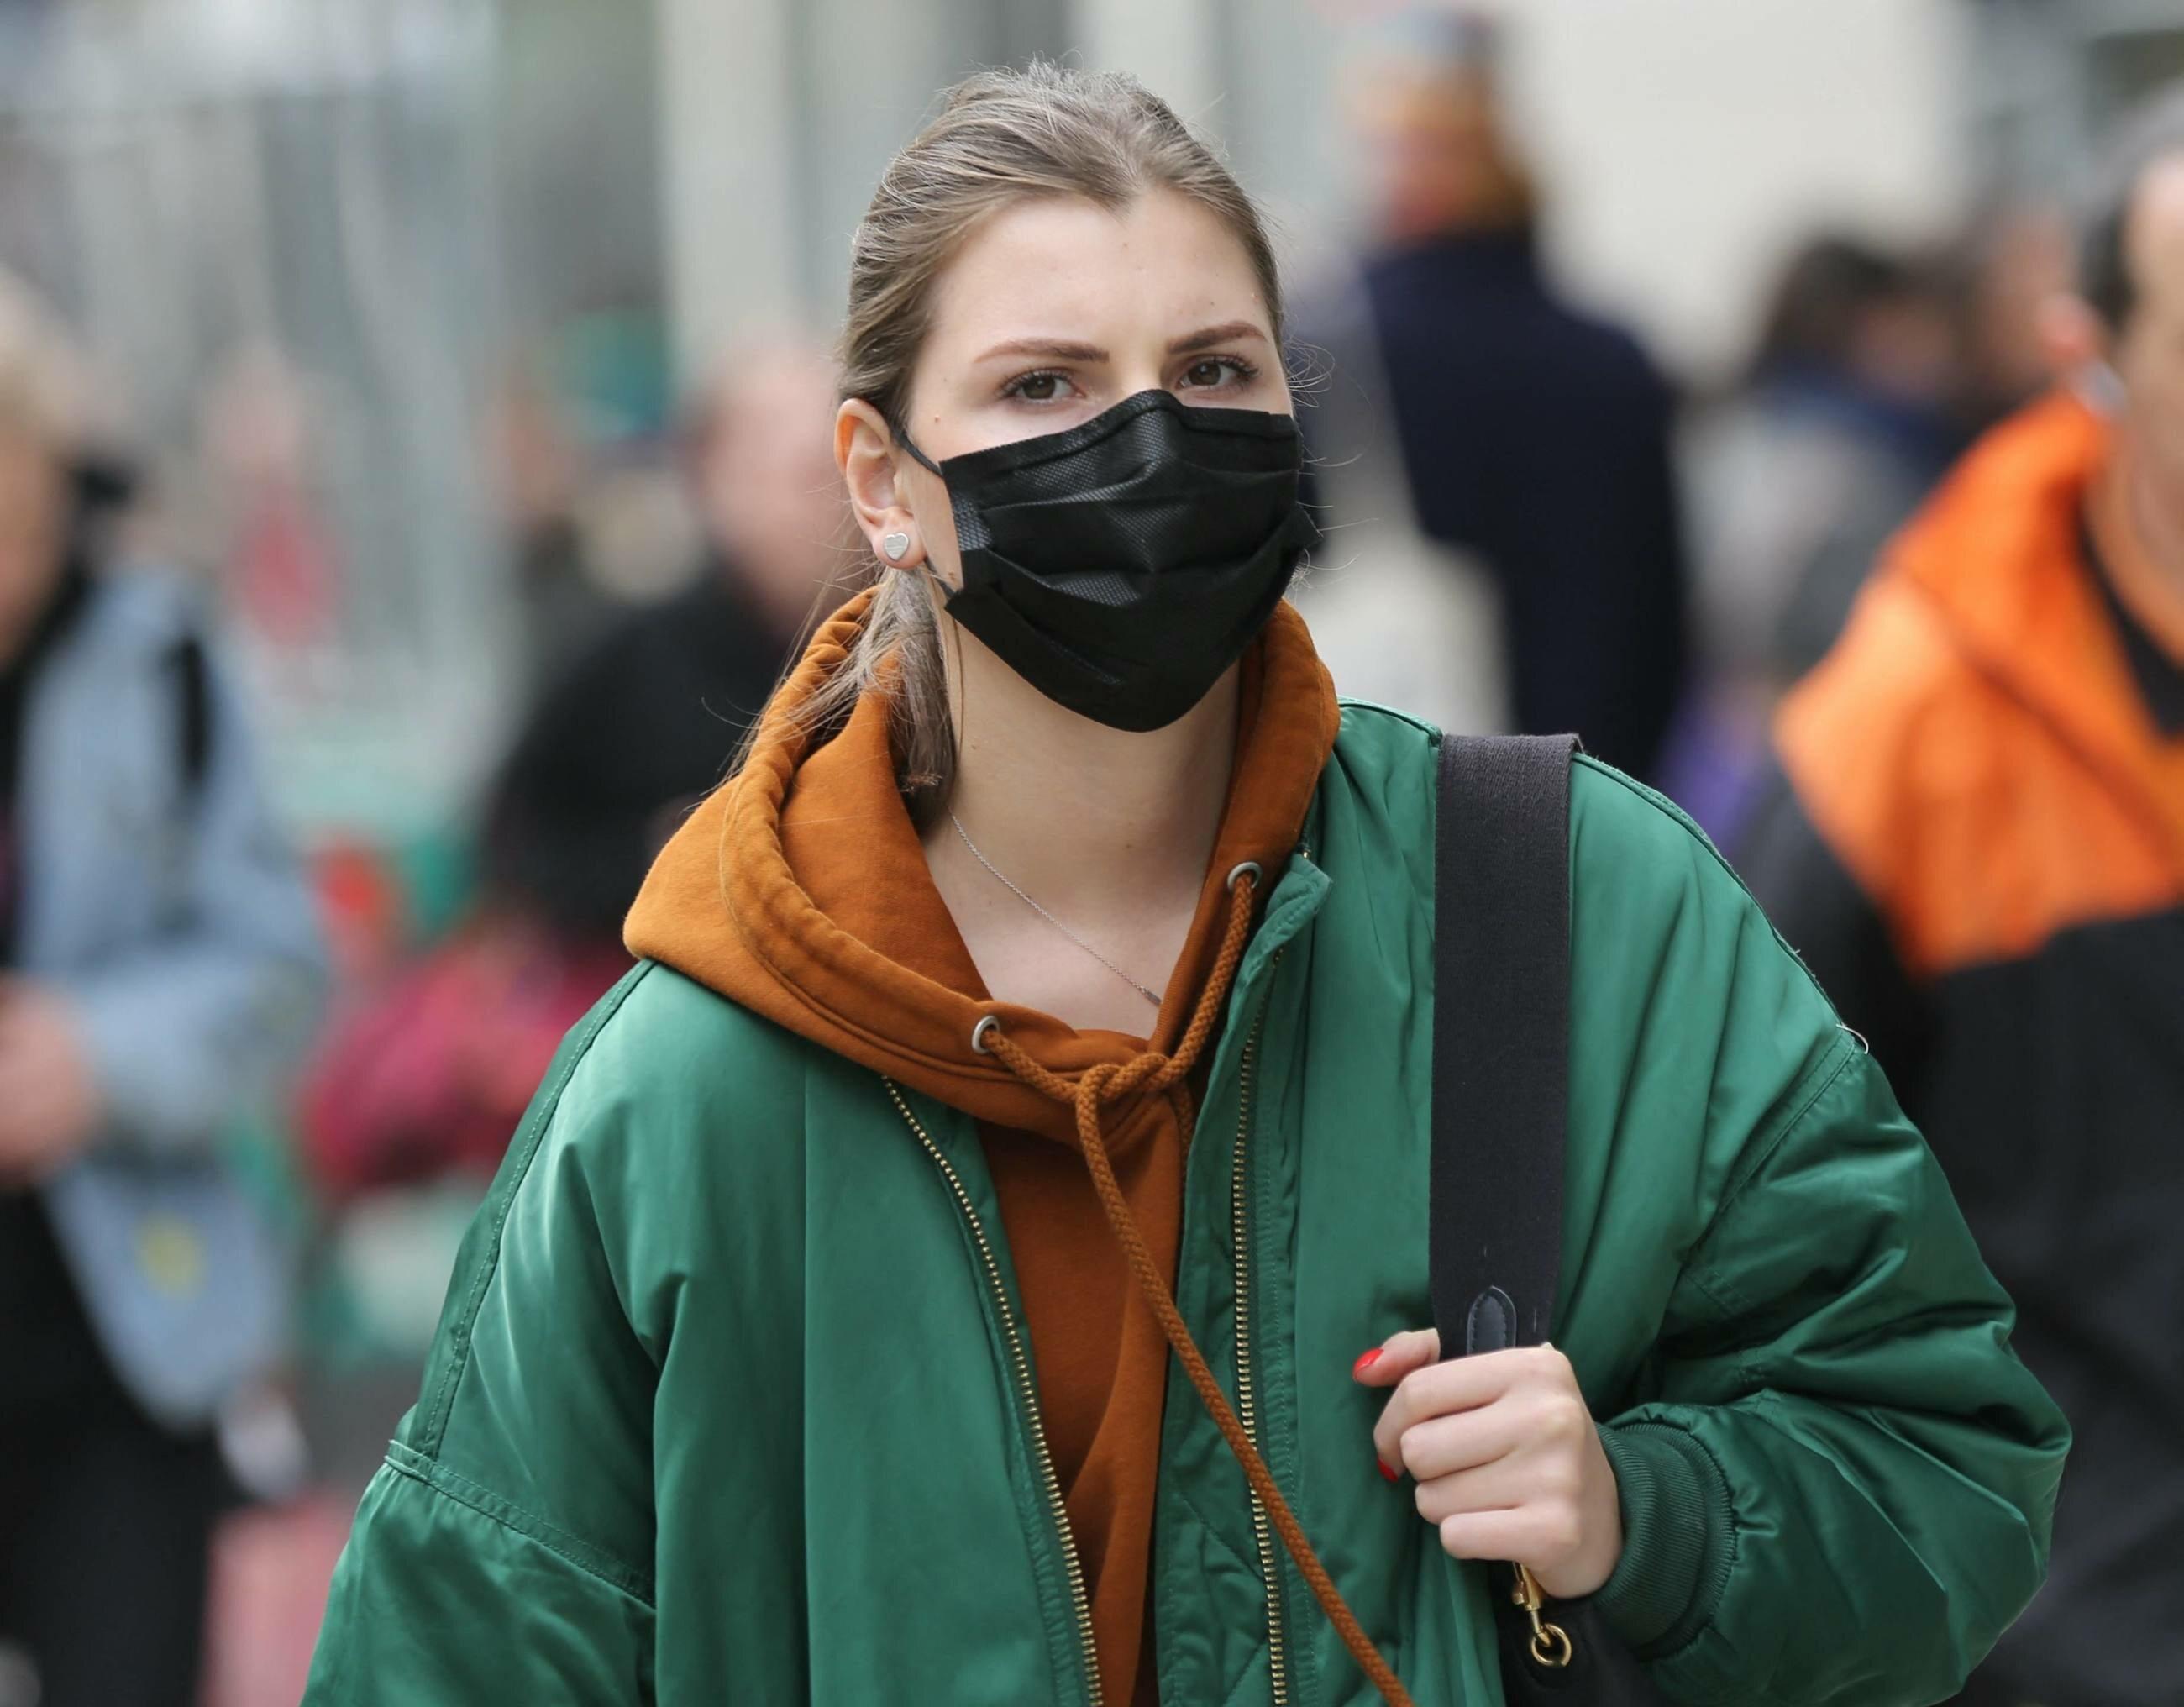 Kobieta w masce w trakcie epidemii koronawirusa (zdj. ilustracyjne)